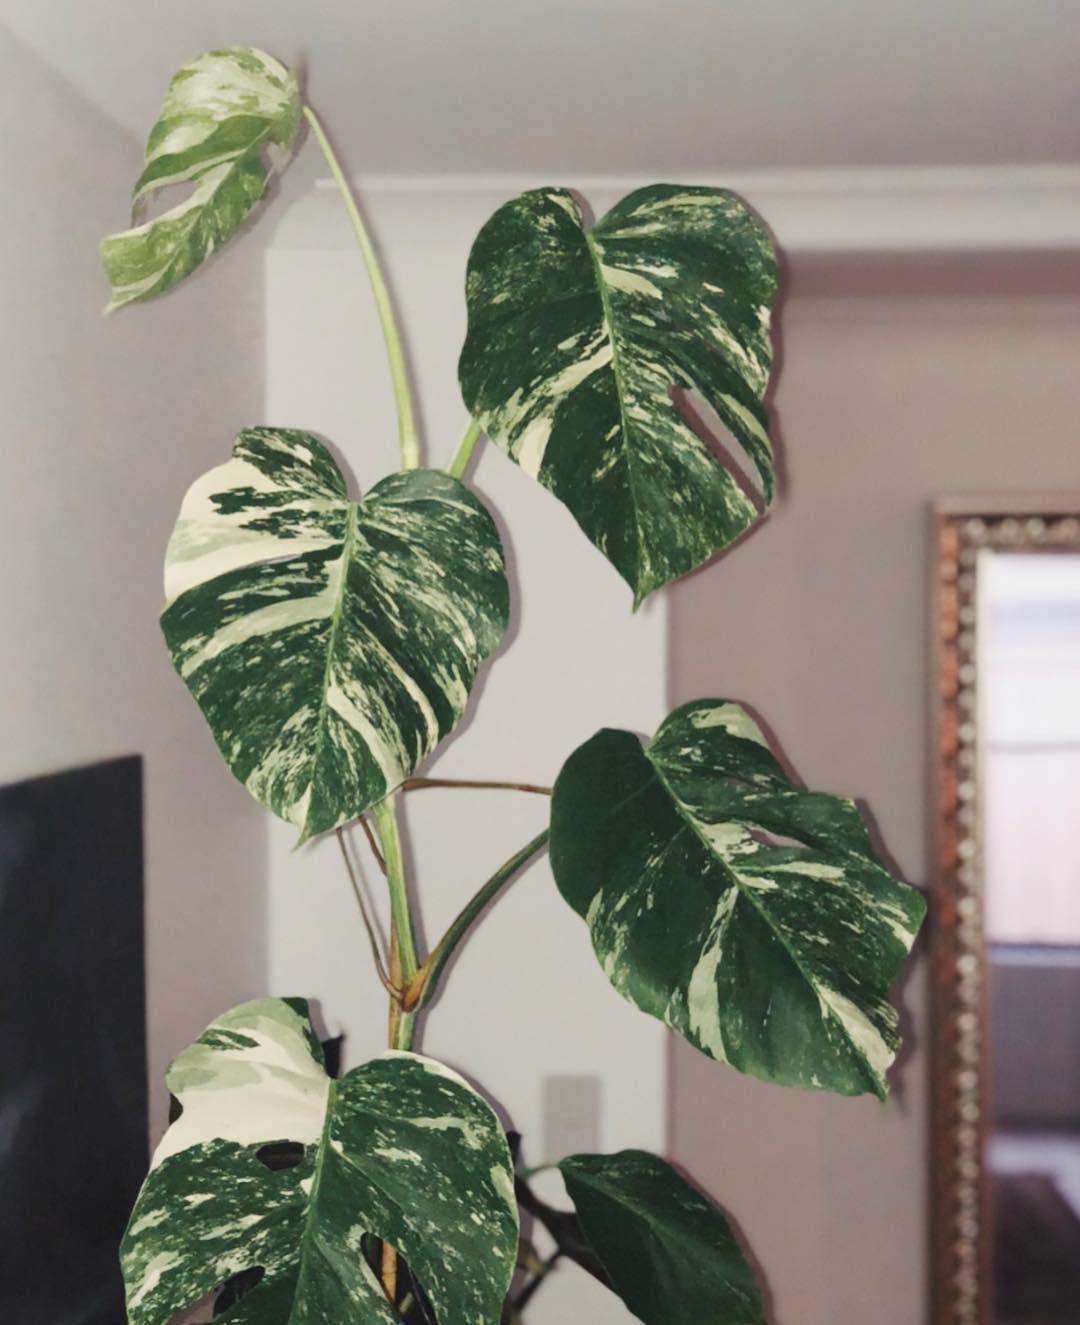 New week new leaf monsteramonday u oops latepost